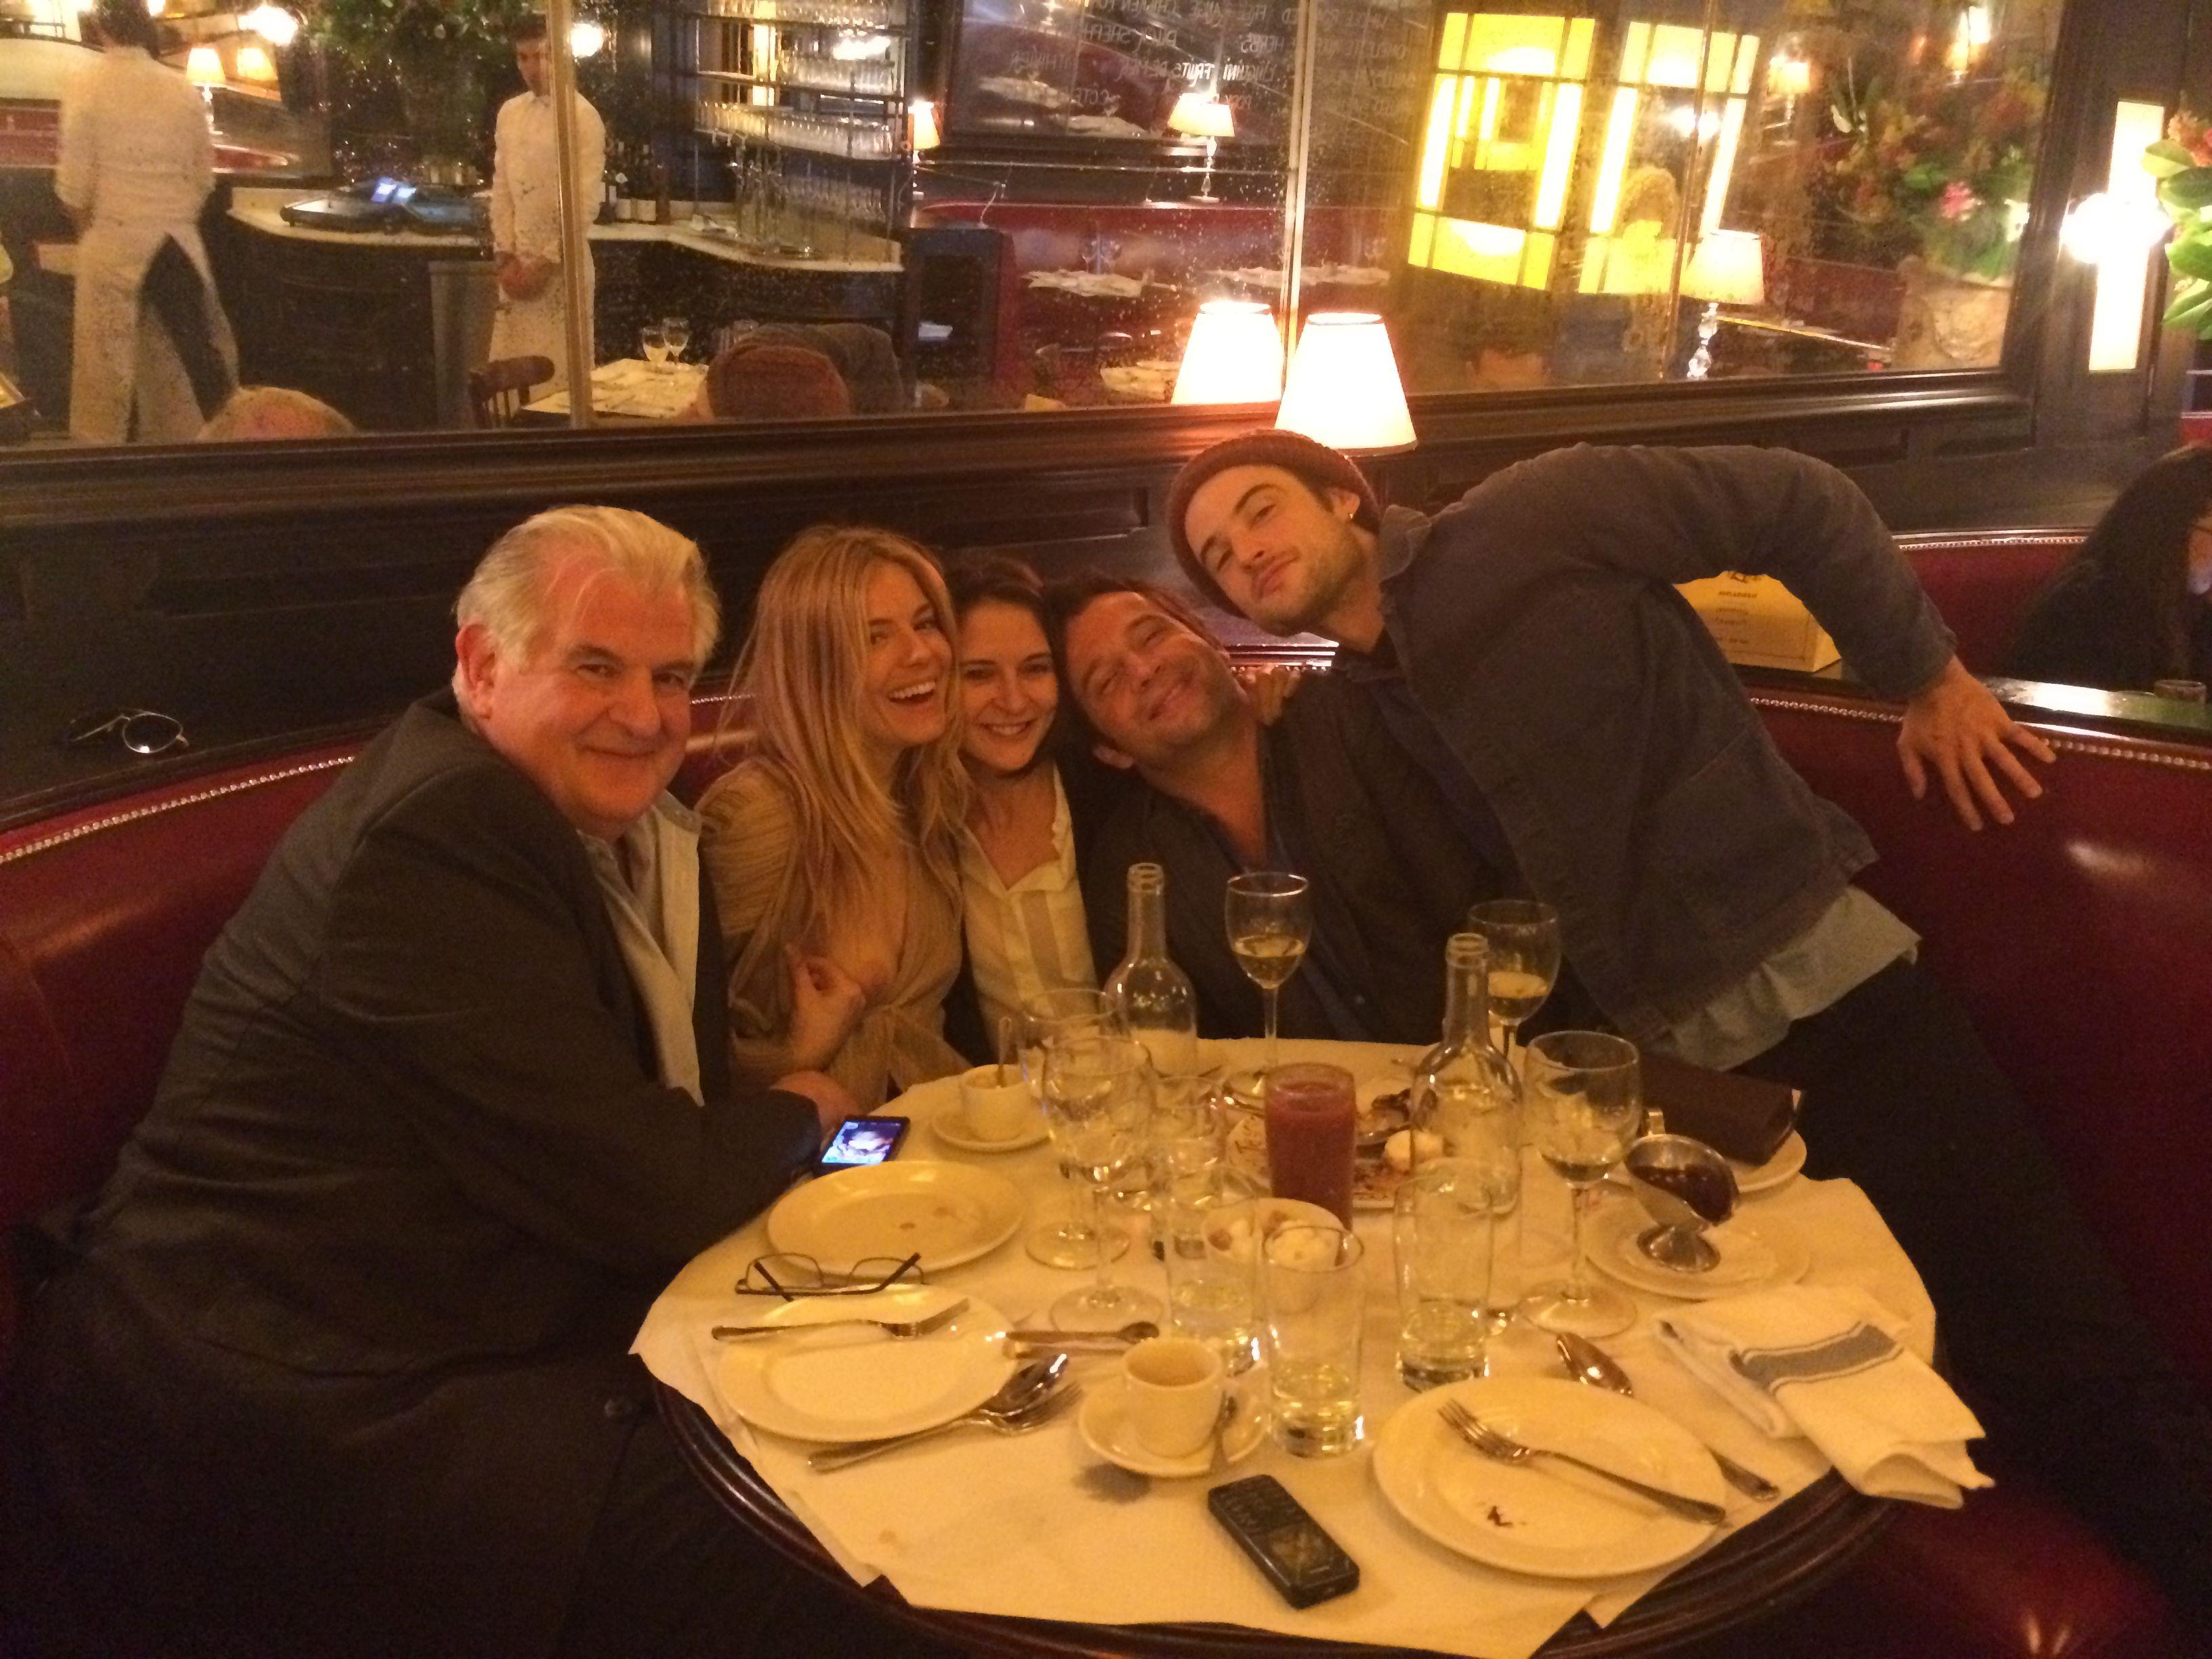 Sienna Miller showing her tit at restaurant